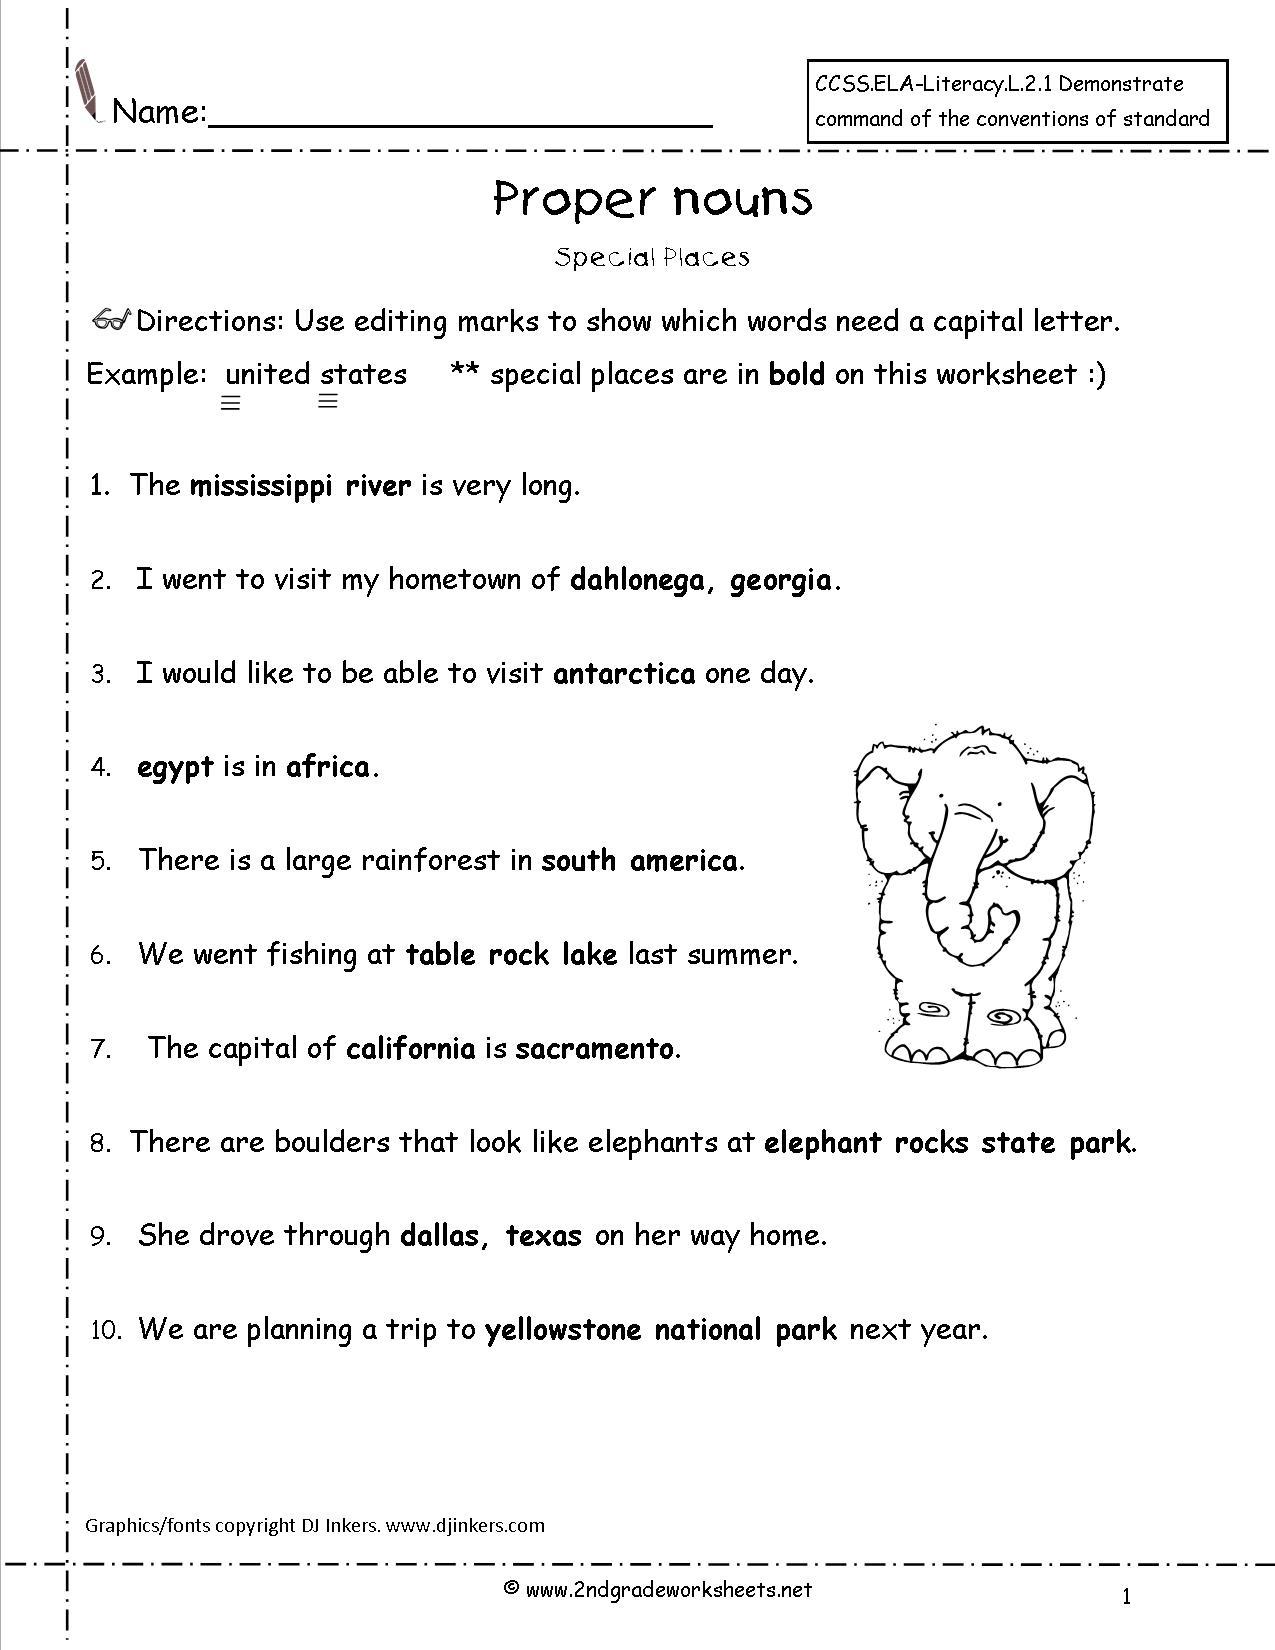 Kindergarten Worksheets On Proper Nouns 28947